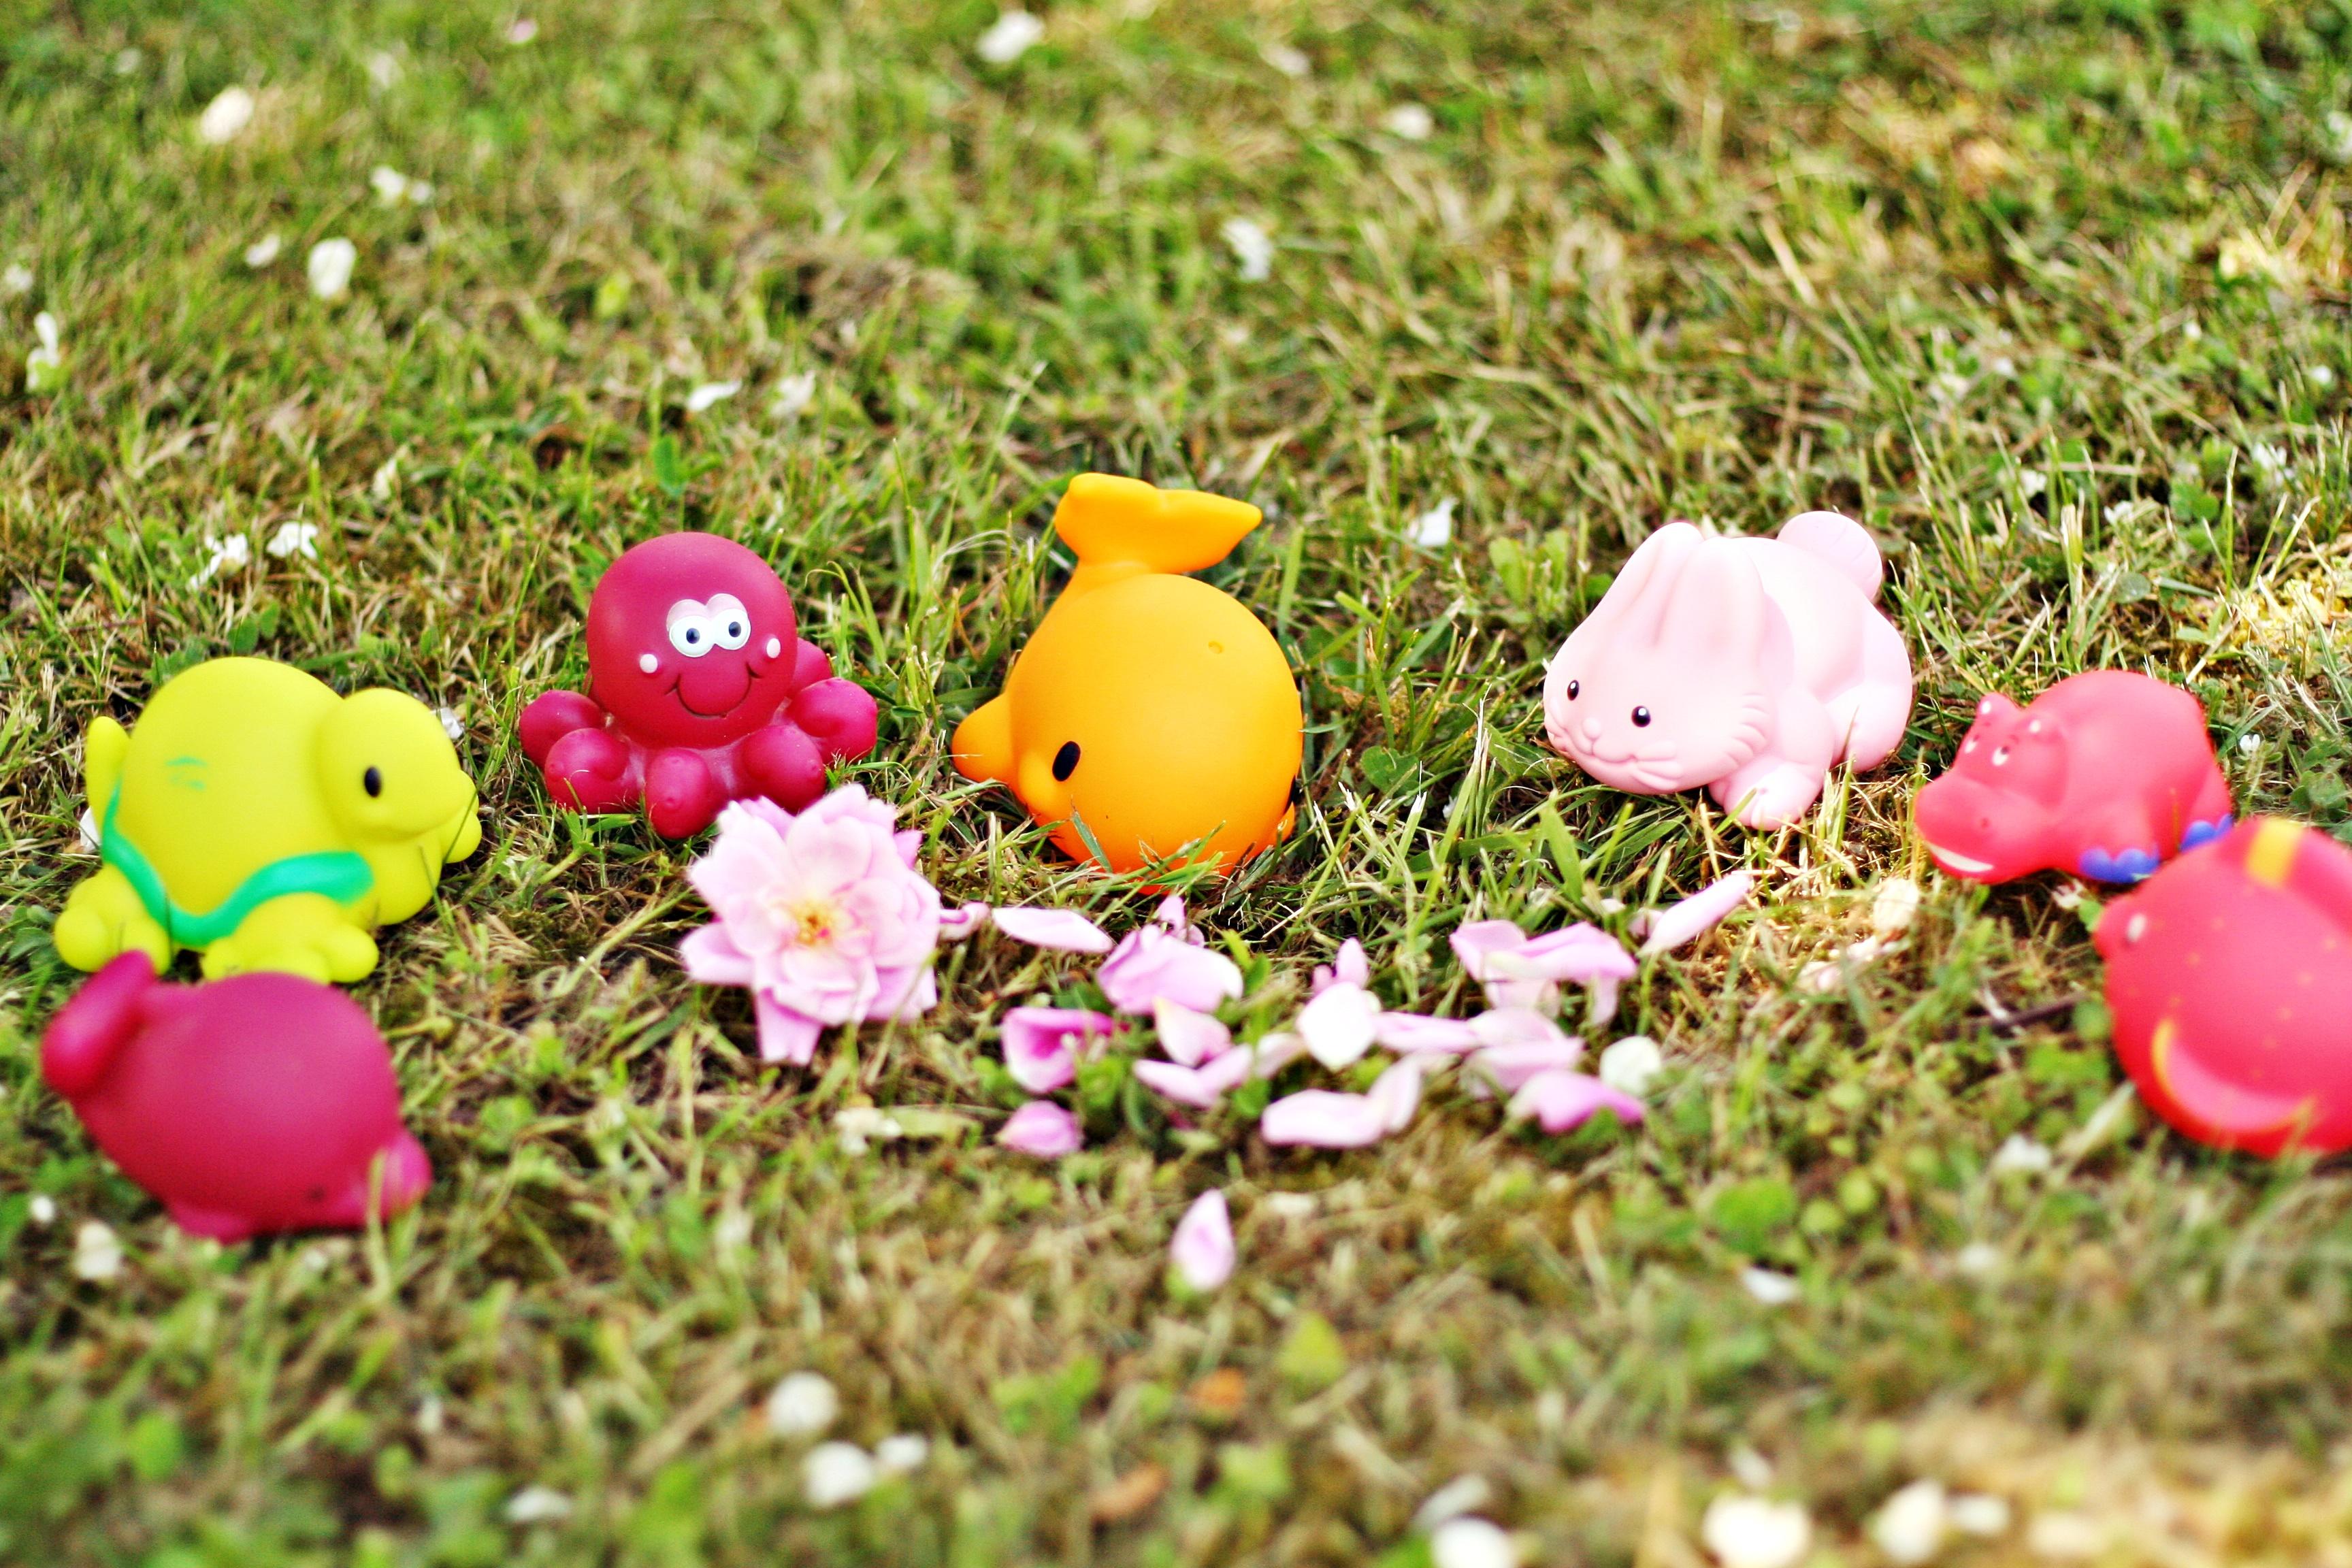 jouets-pour-le-bain-babymoov-bebesurfeur-blog-famille-test-produits